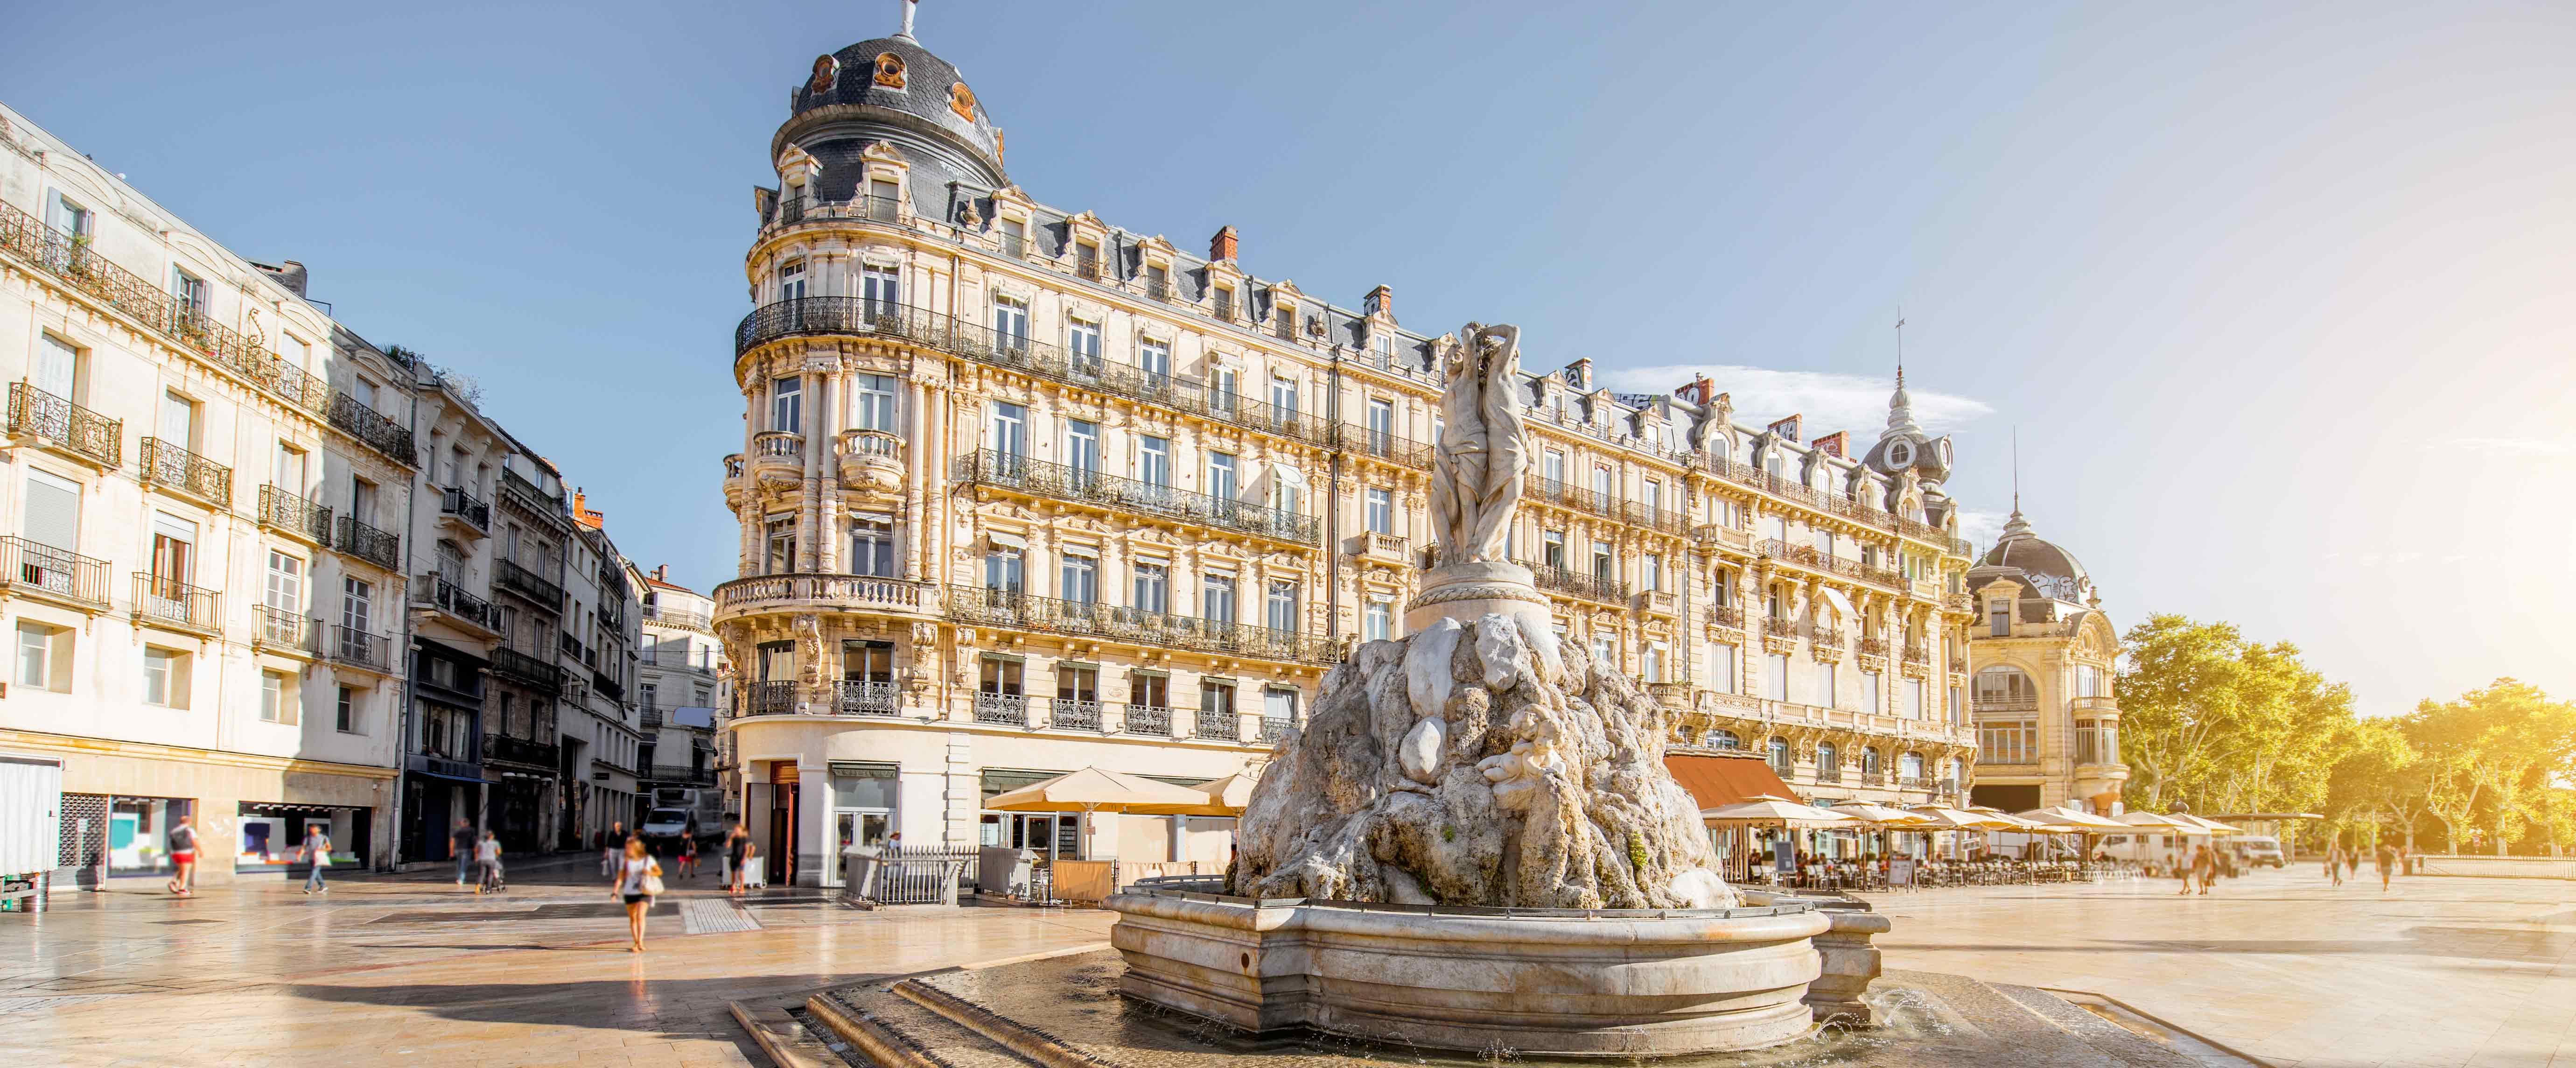 Découvrez nos séjours de luxe en vente privée - Montpellier. VeryChic vous propose des voyages jusqu'à -70% dans les plus beaux hôtels du monde - Montpellier